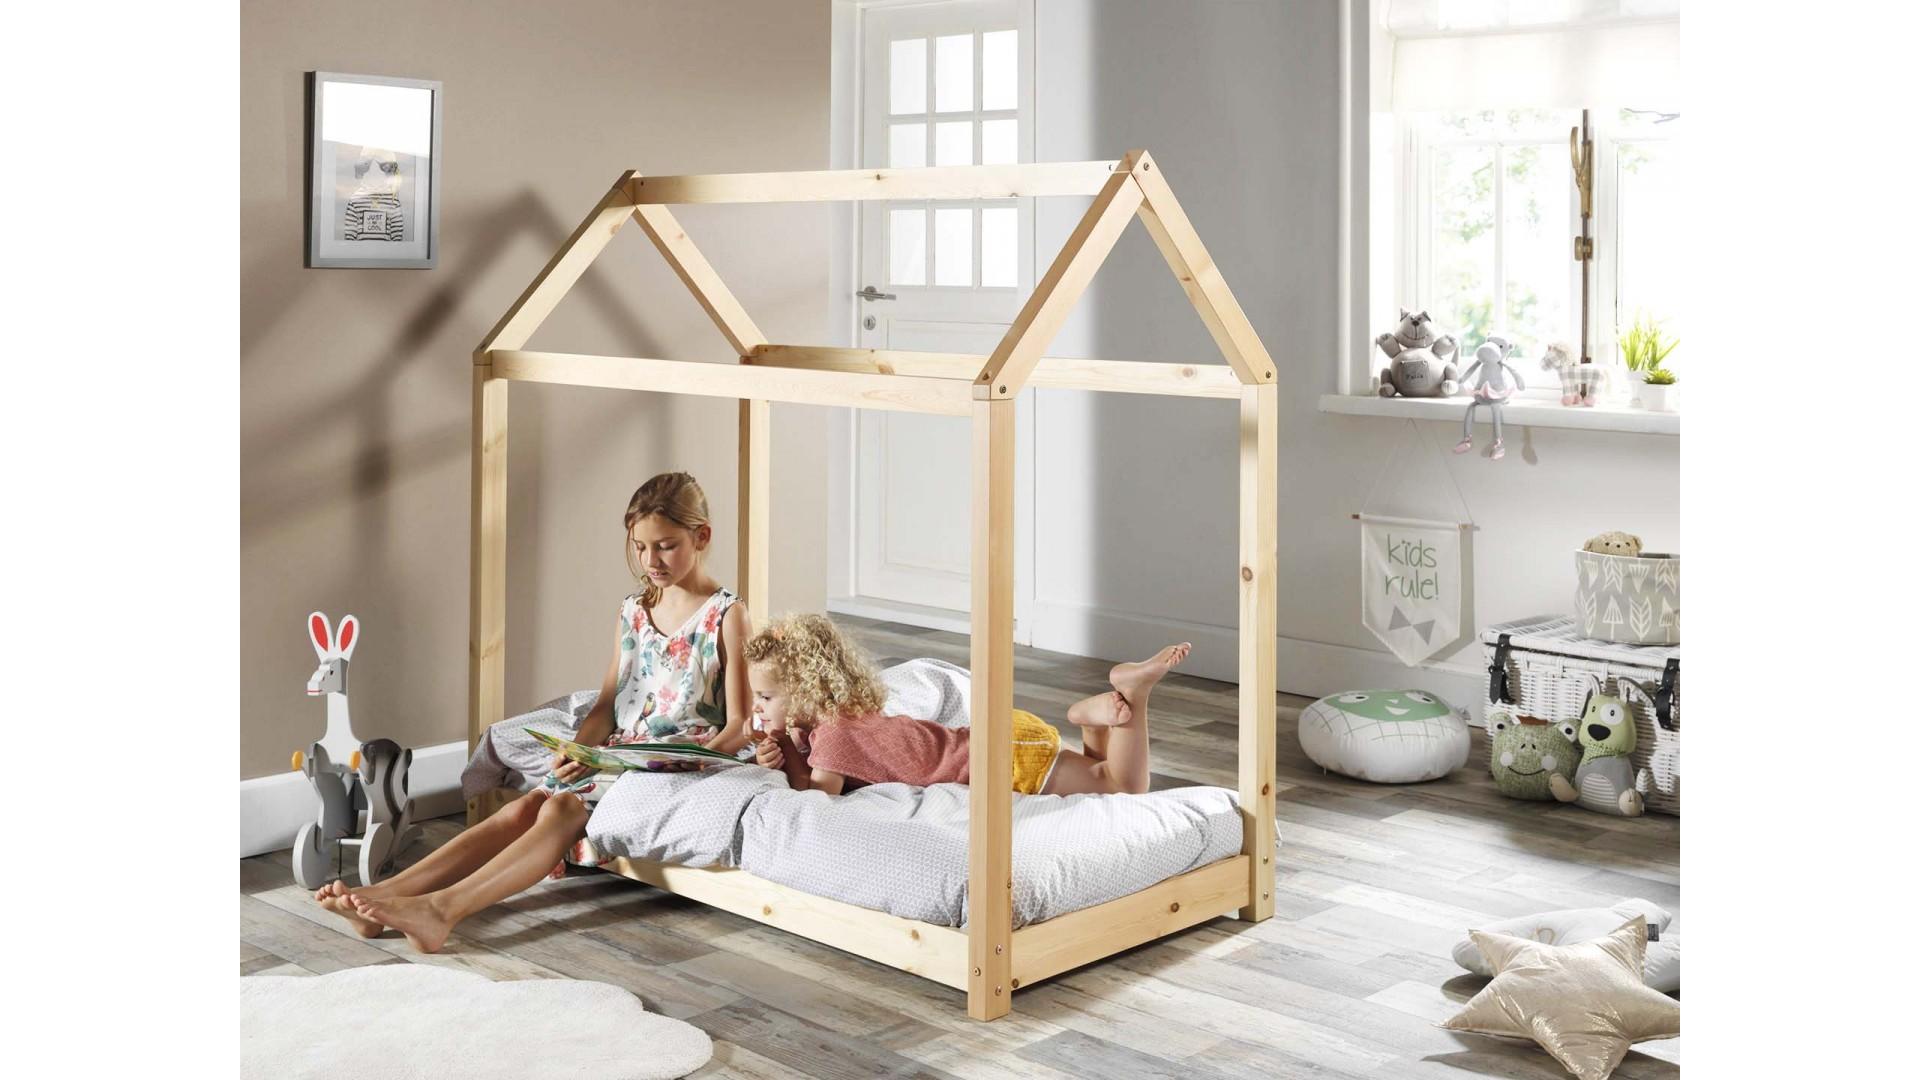 Lit cabane enfant ELEA 70x140 cm - SONUIT